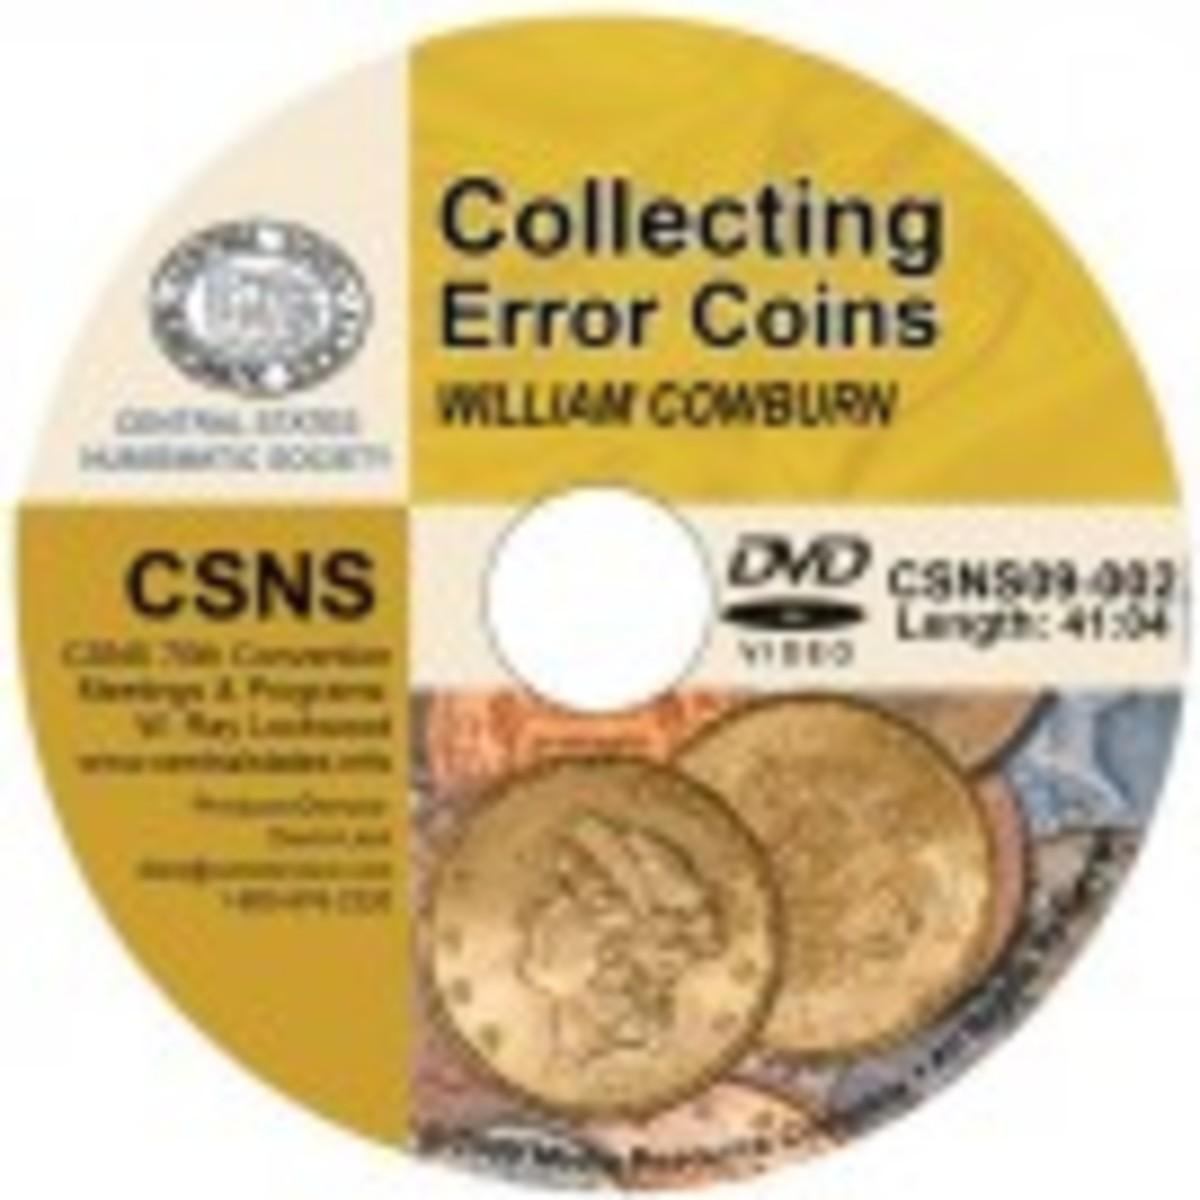 Collecting Error Coins